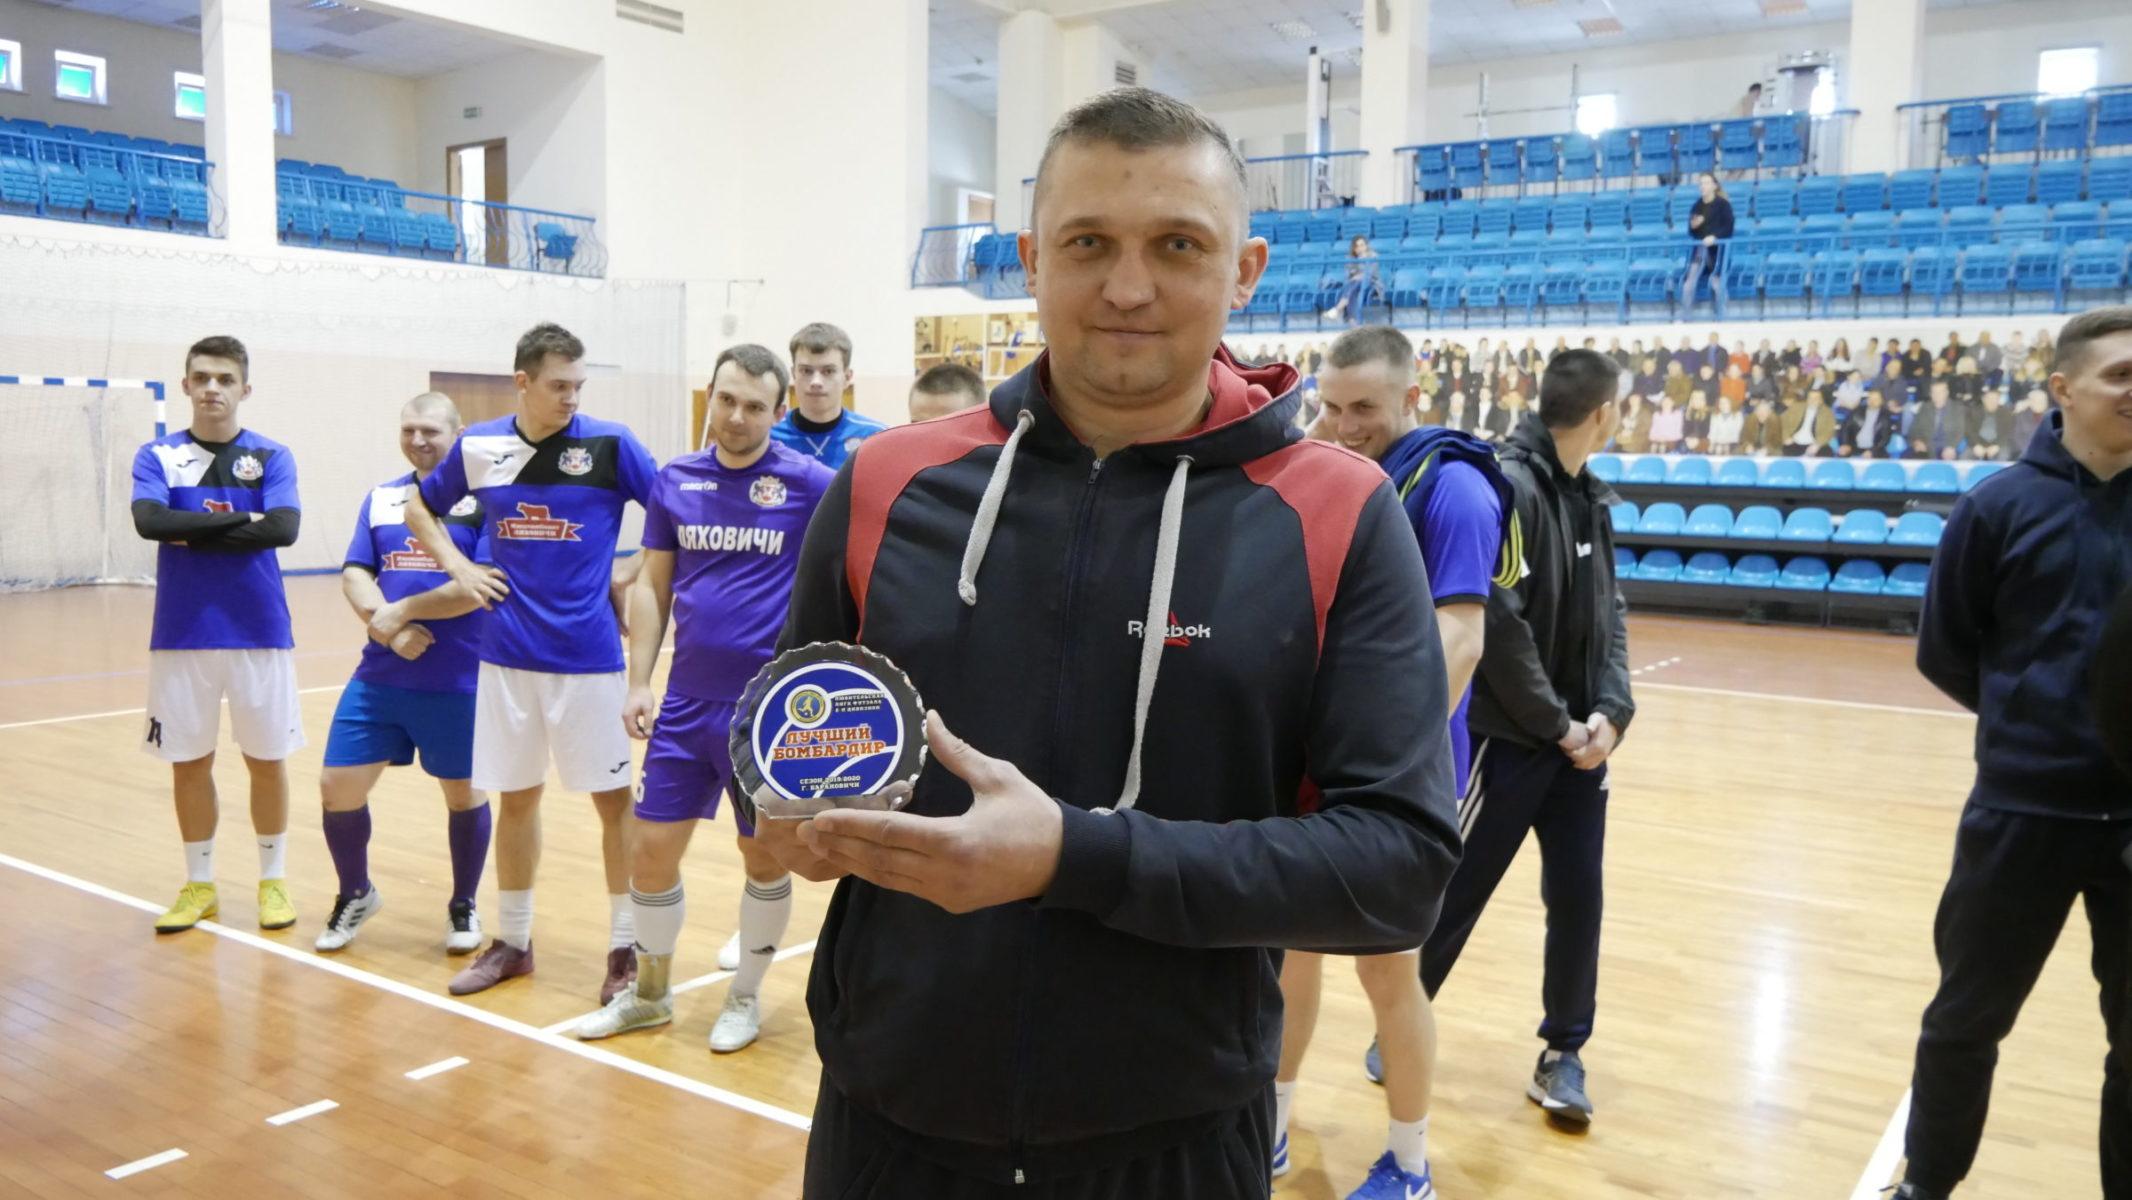 Капитан команды ЖБК Иван Коляда получил приз за Максима Кругленю – лучшего бомбардира второй лиги.